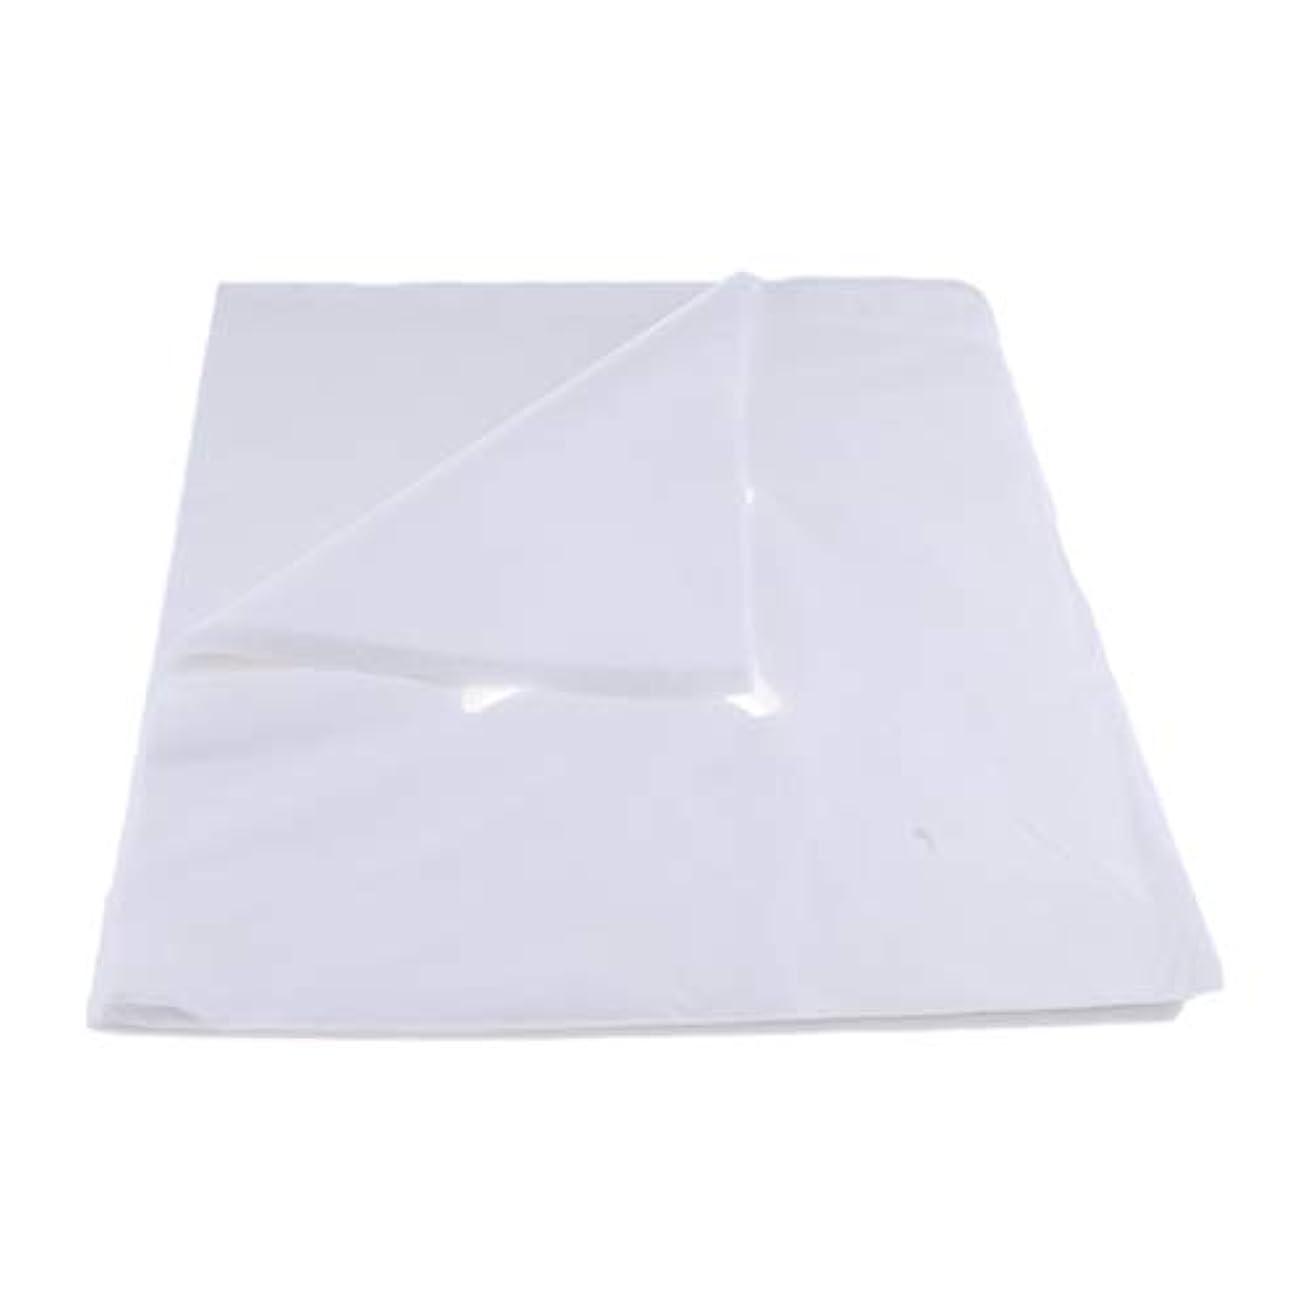 定常候補者誕生200ピース不織布使い捨てマッサージベッドフェイスクレードルクッションシートカバー - L